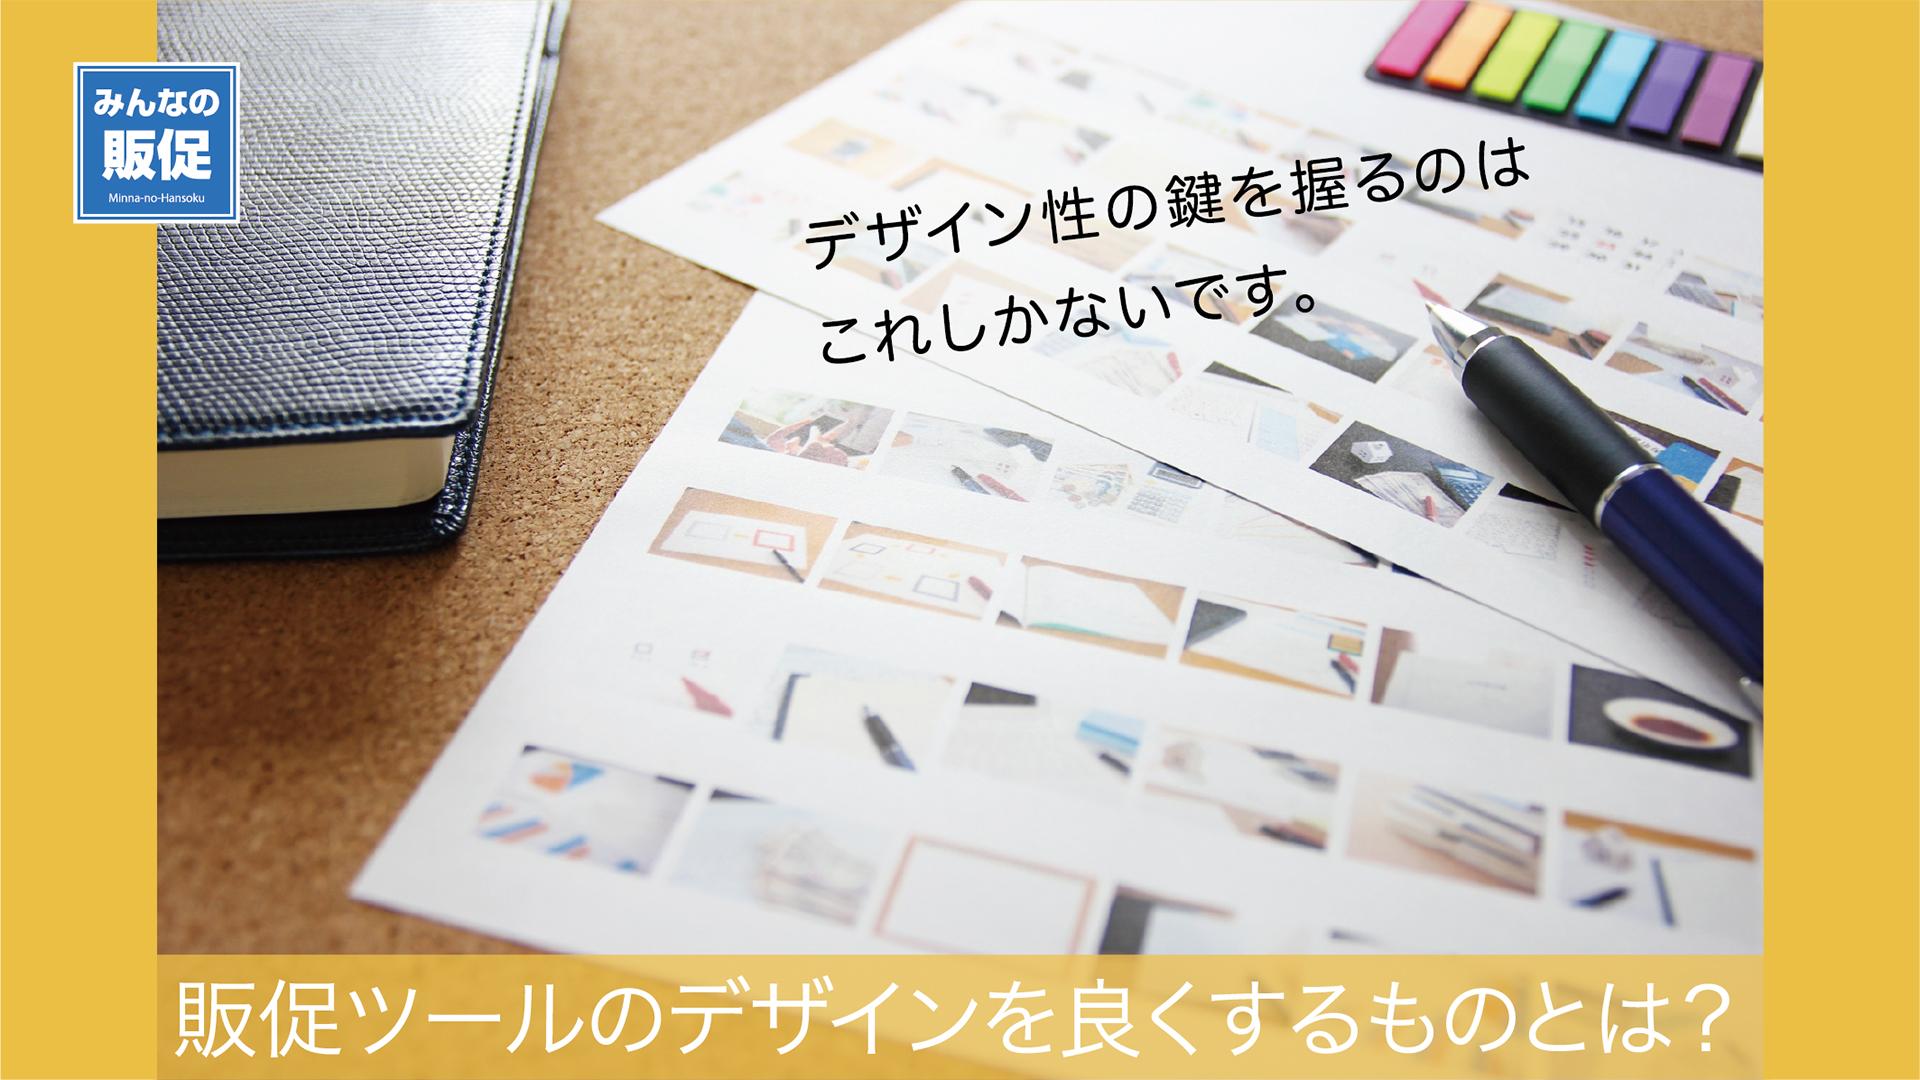 販促,販売促進,プロモーション,セールス,販促コーディネーター,みんなの販促,ブランディング,ホームページ,ブログ,SNS,Facebook,イベント,紙媒体,